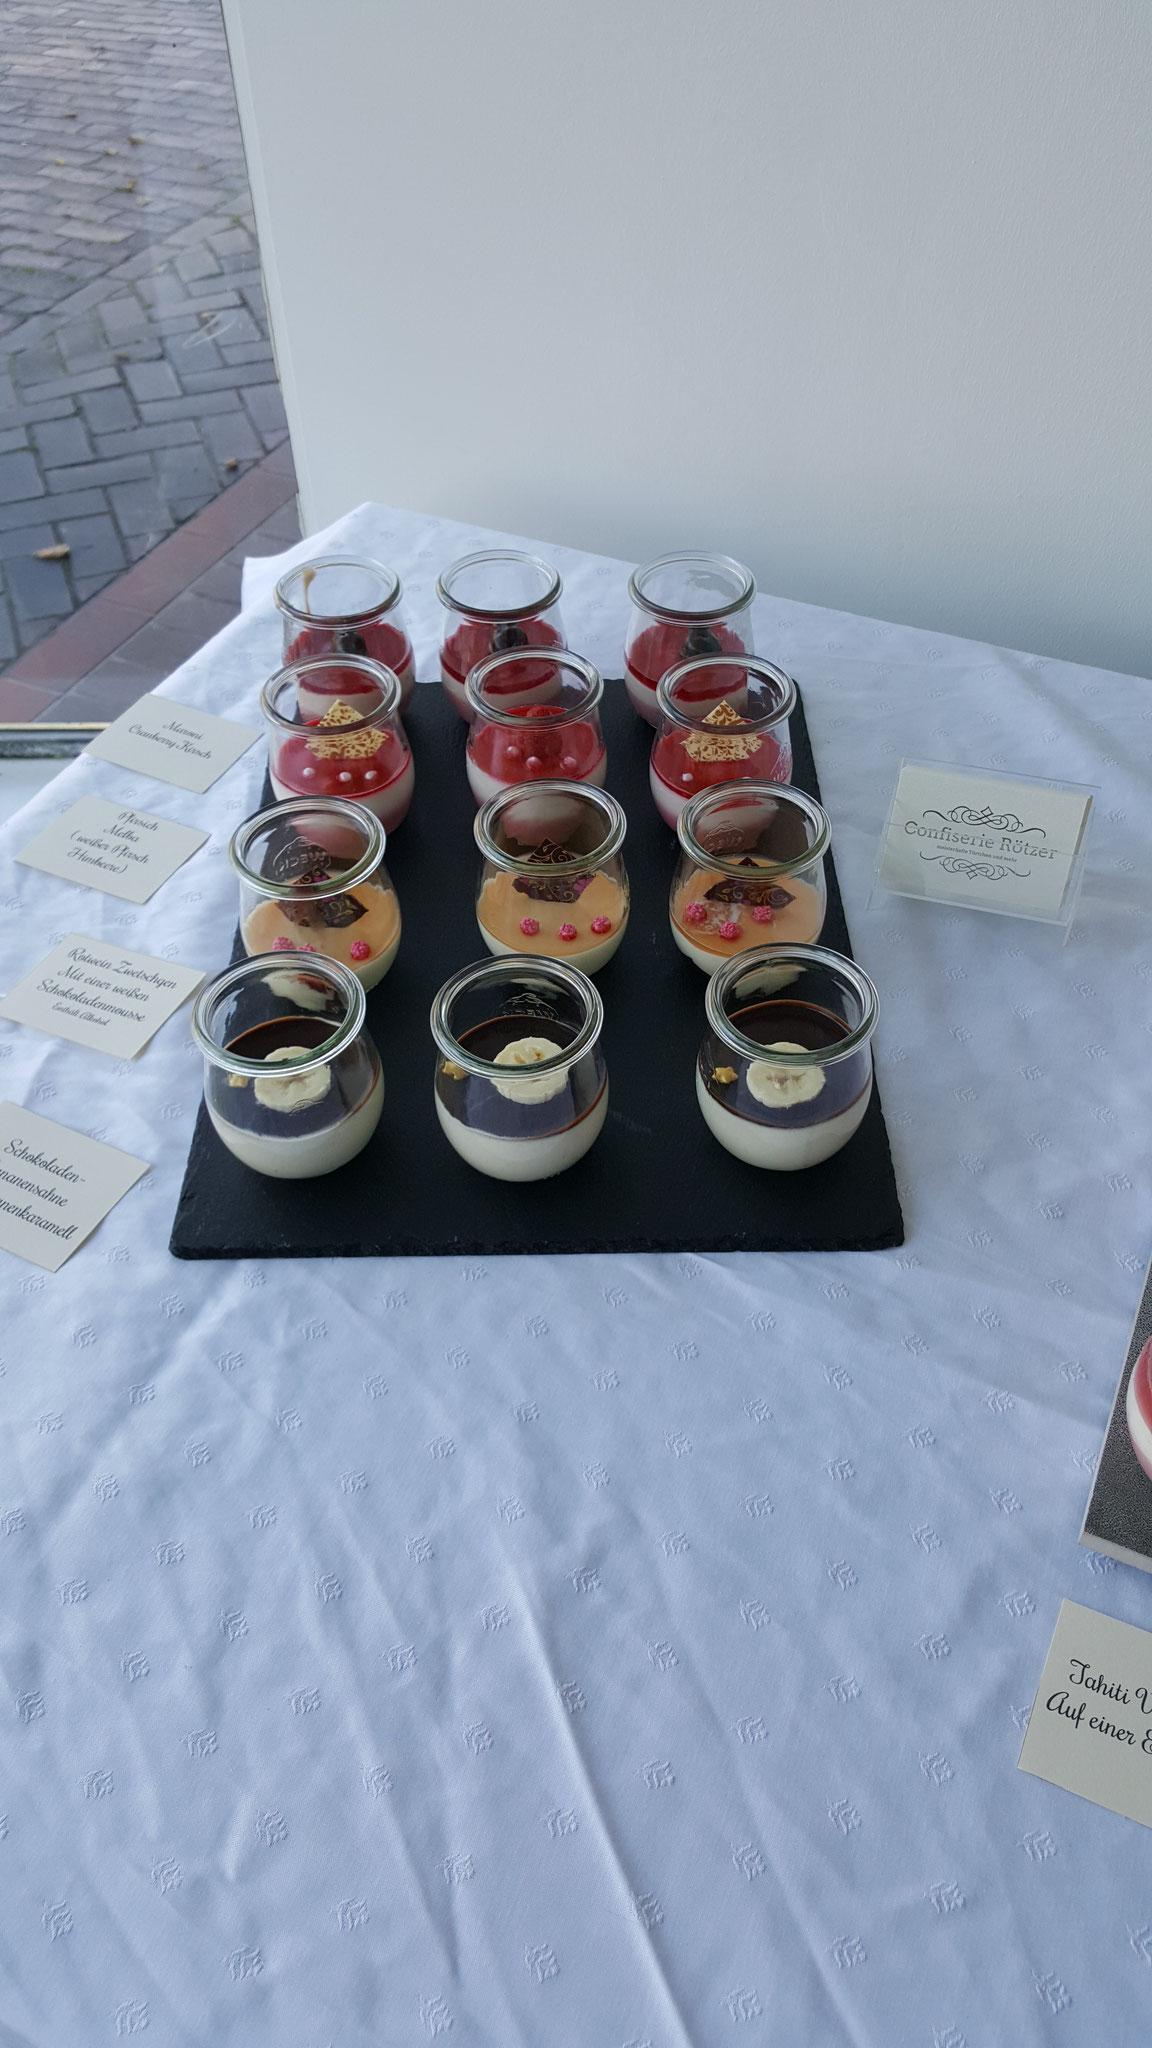 Sahnetörtchen im praktischen Dessertglas